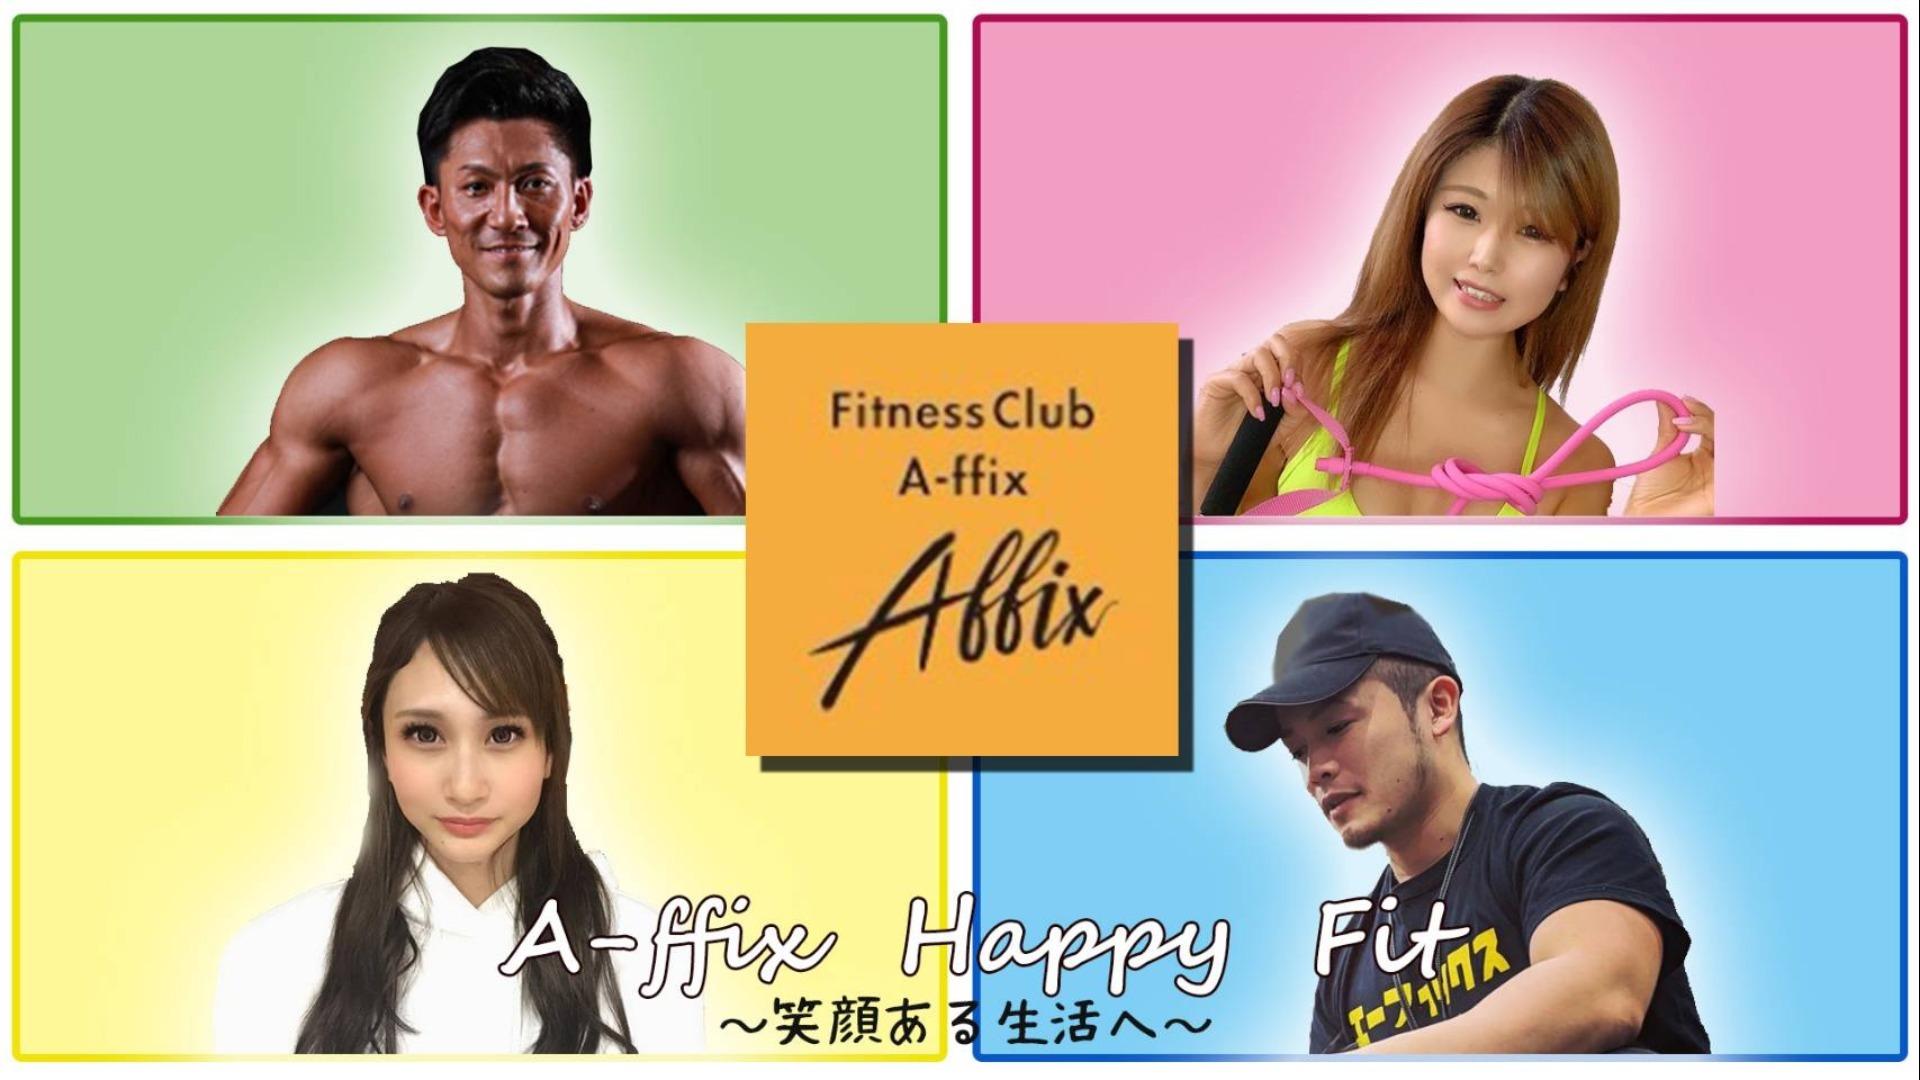 戸川 洋治 - A-ffixオンラインサロン - DMM オンラインサロン